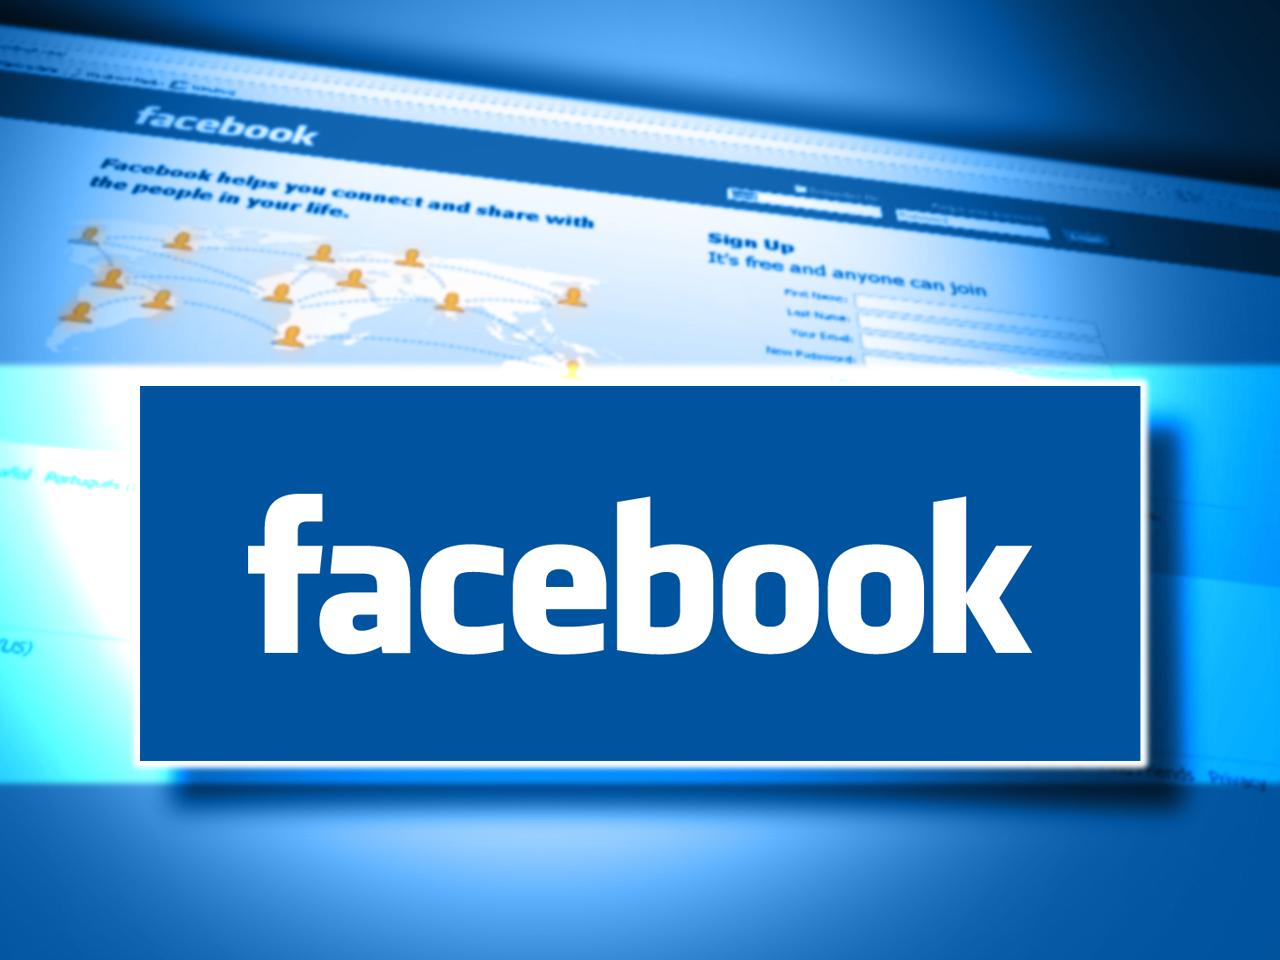 """""""فايسبوك"""" يطلق ميزة جديدة تمكن من كتابة منشورات بالإنجليزية ونشرها بالهندية"""